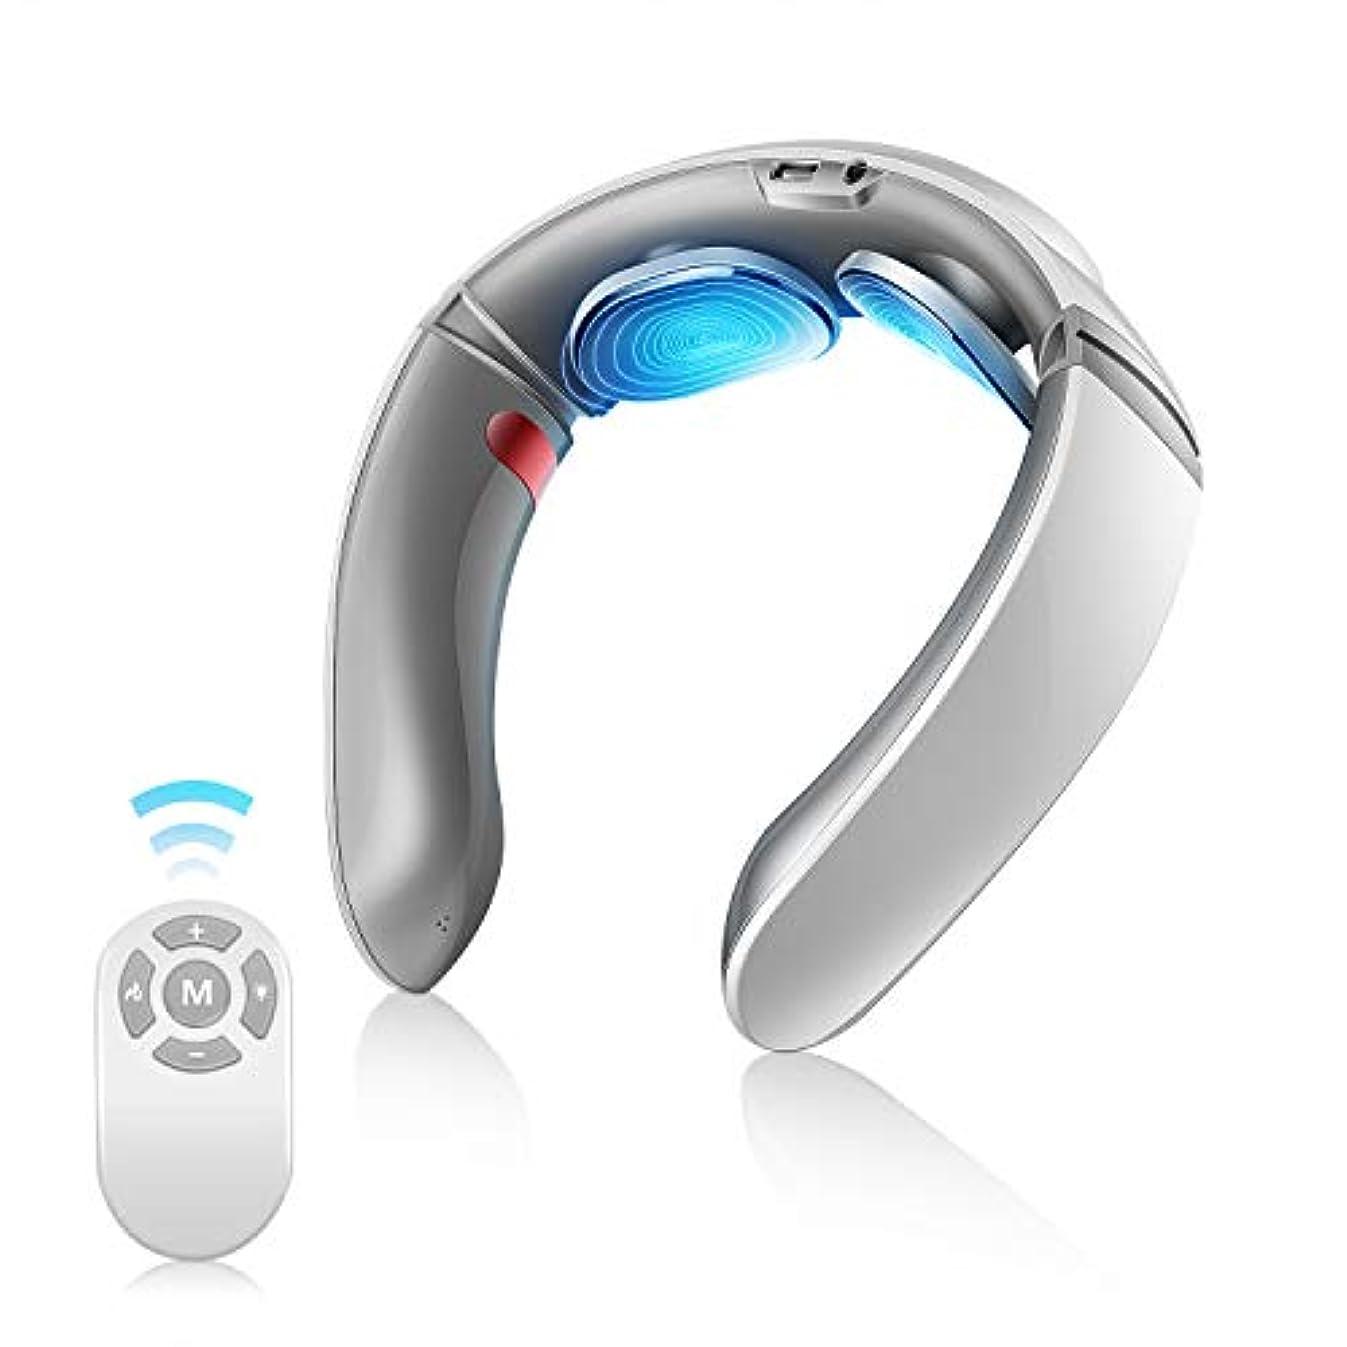 見分ける感情の役割首マッサージャー フットマッサージャー マッサージ器 マッサージクッション ヒーター付き ストレス解消 多機能 家庭用&職場用&車用USB充電式 プレゼント